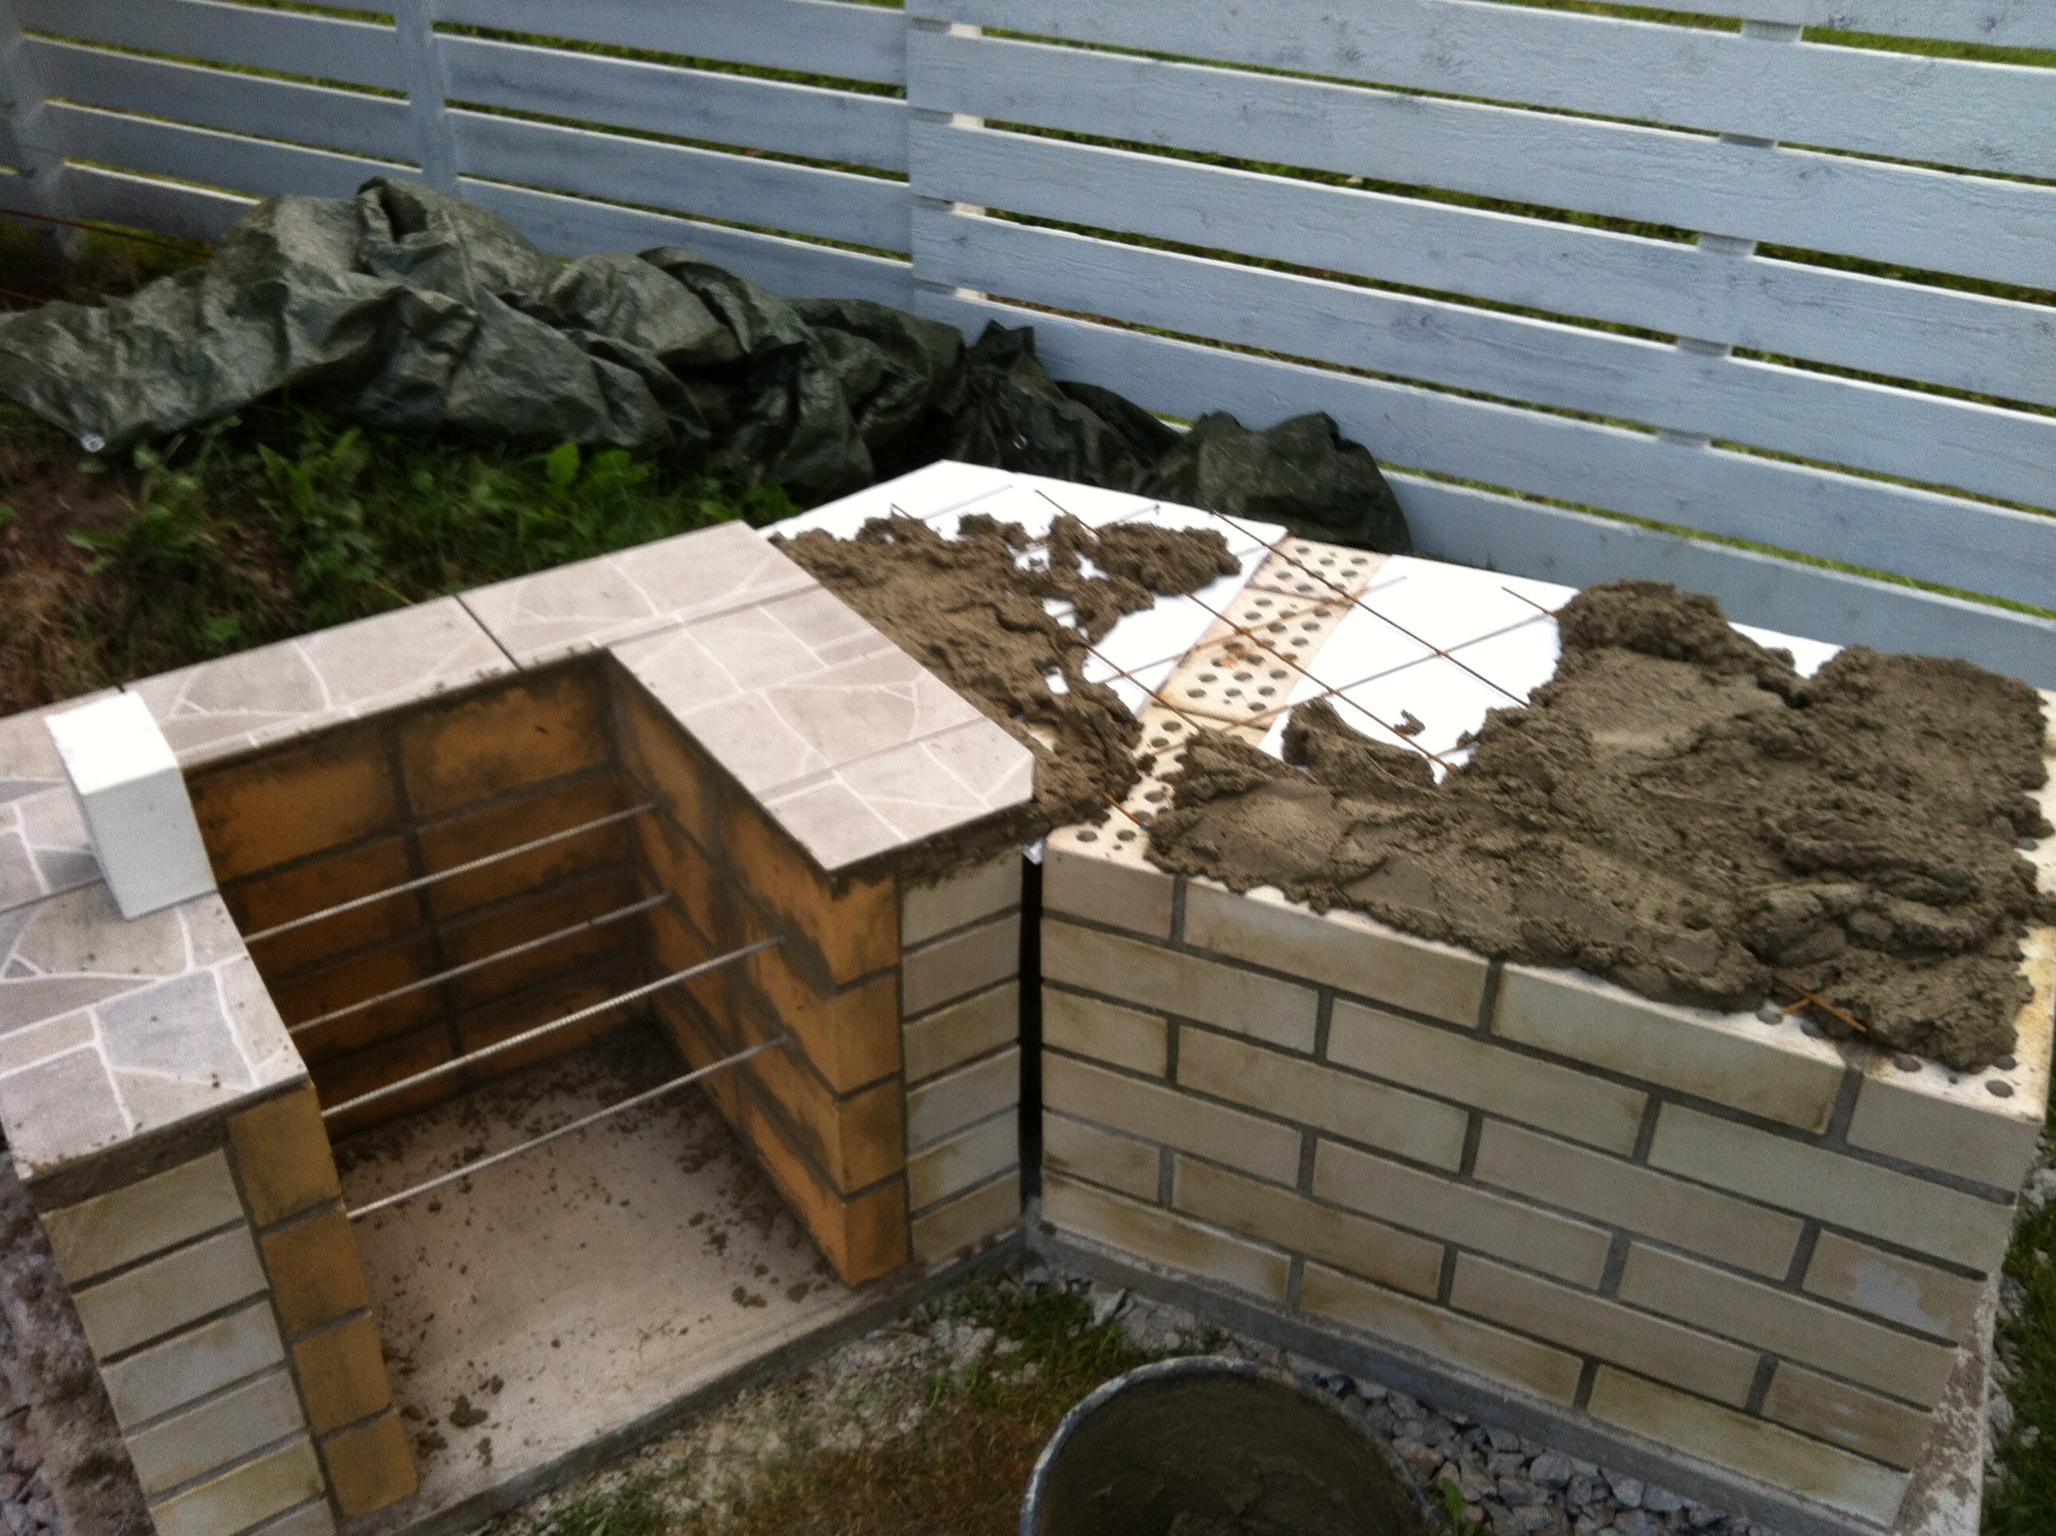 Tiilet grilliin – Rakentaminen talonsa